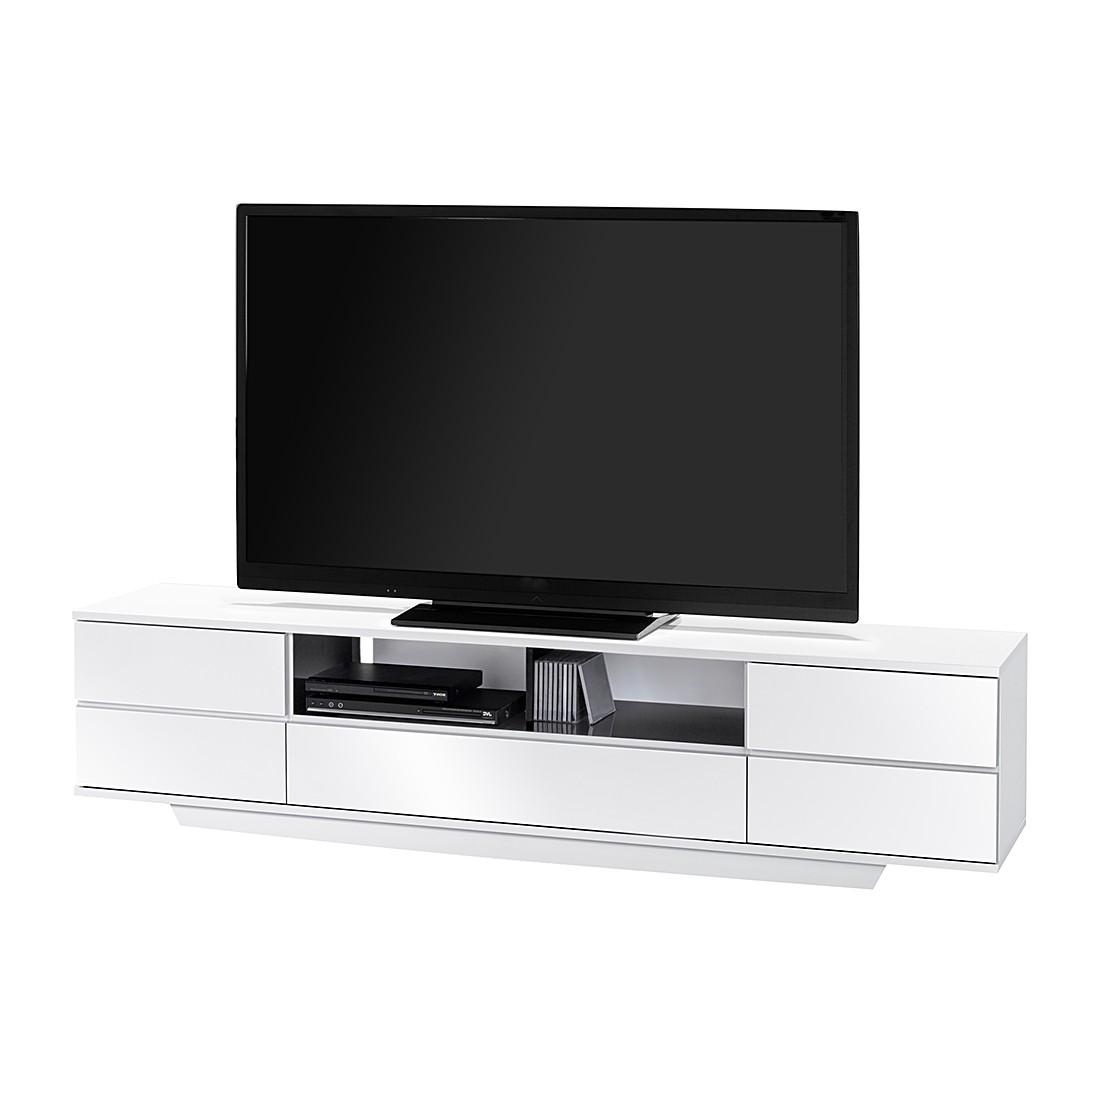 Banc TV Amieka - Blanc brillant / Noir - 199,5 cm, Maja Möbel